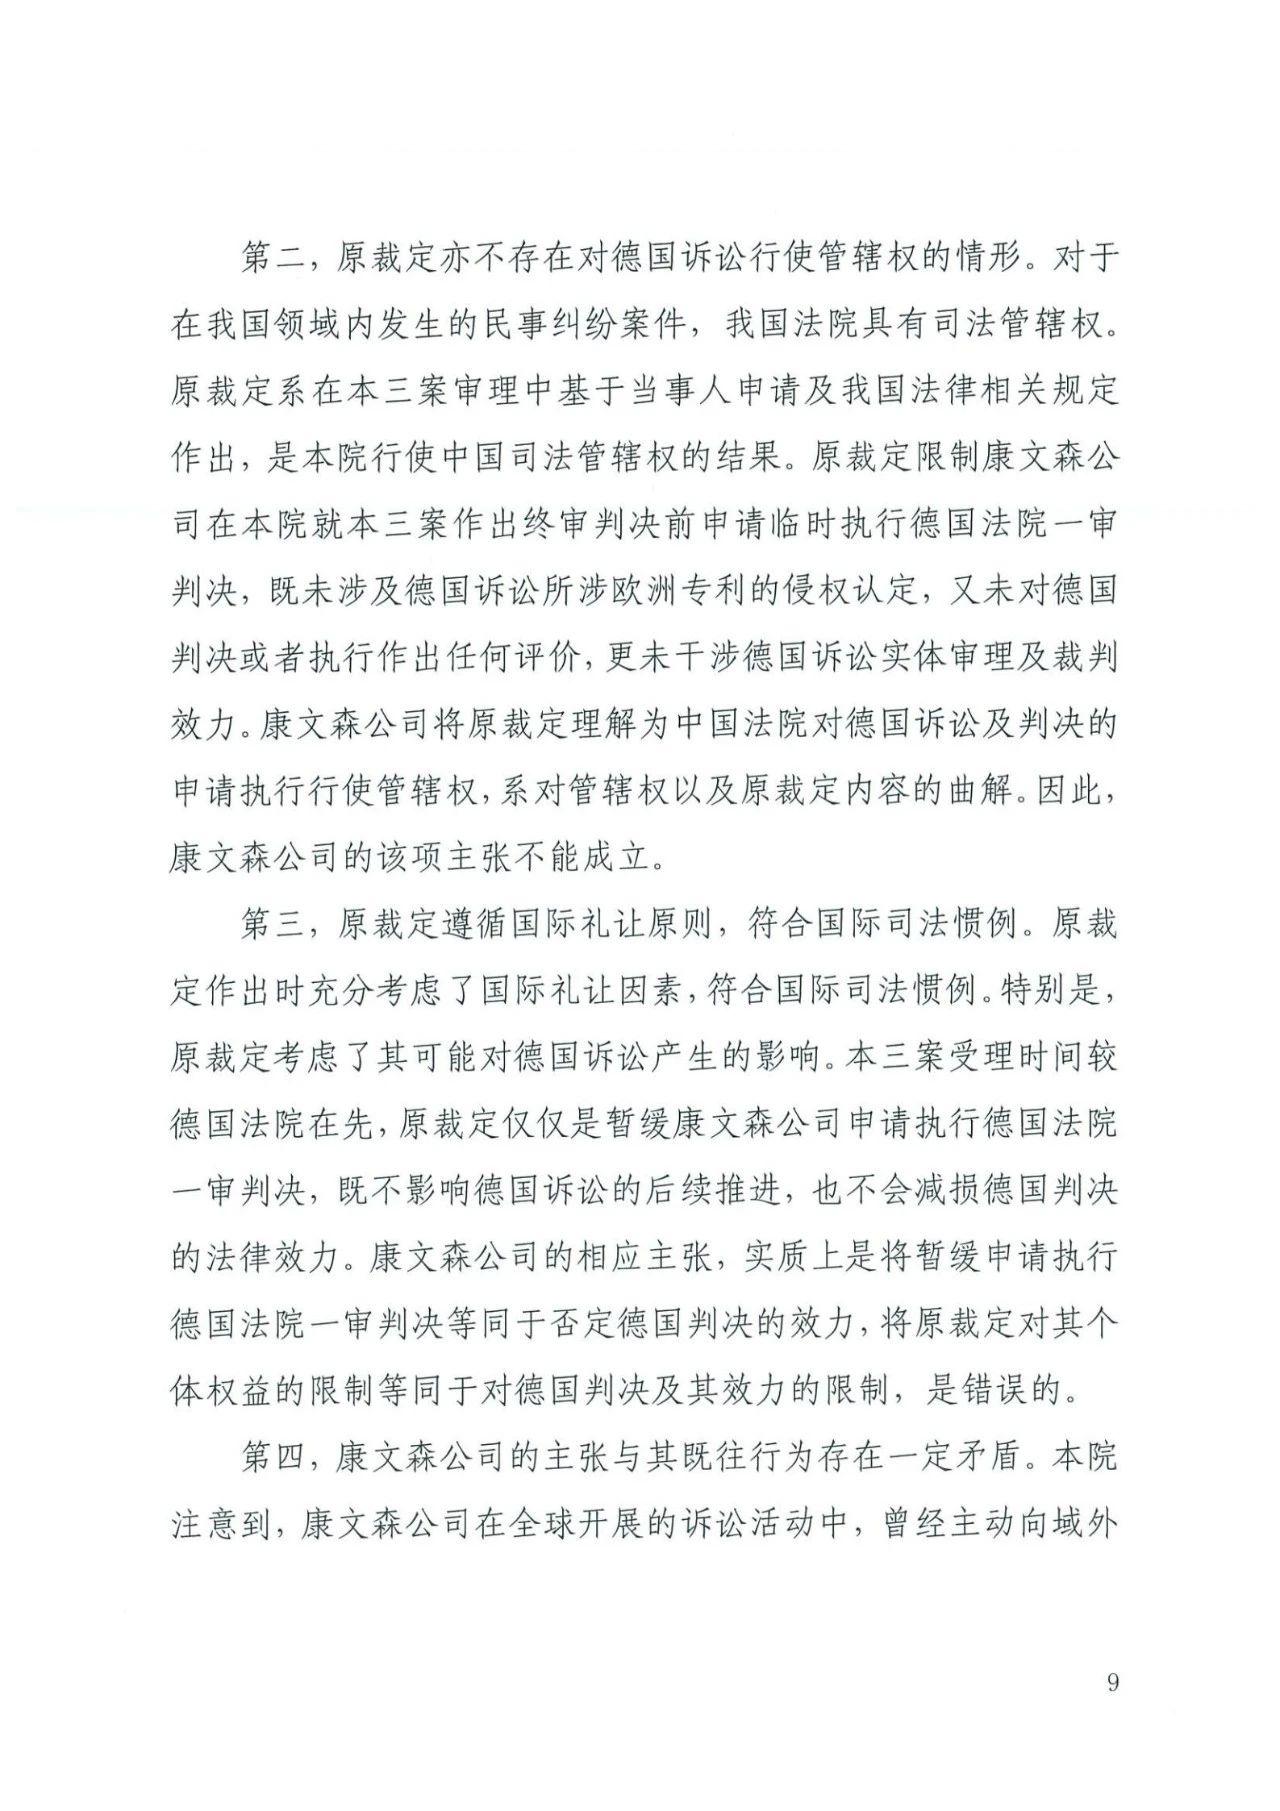 中国知识产权审判发出的首例禁诉令——详解康文森与华为专利许可纠纷案